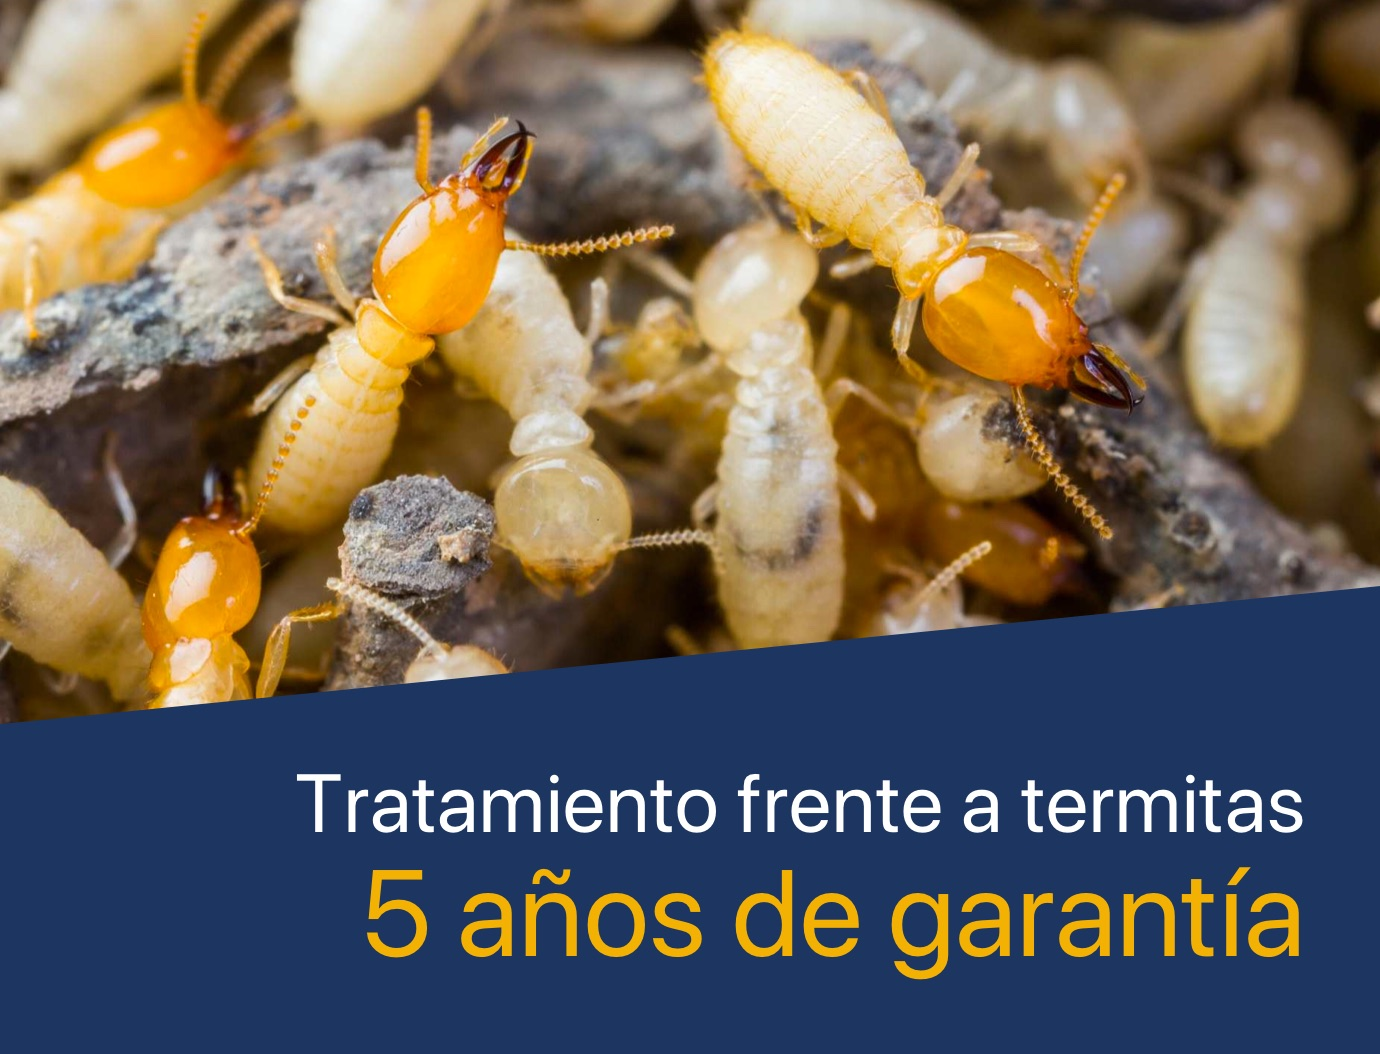 Tratamiento de termitas. 5 años de garantía